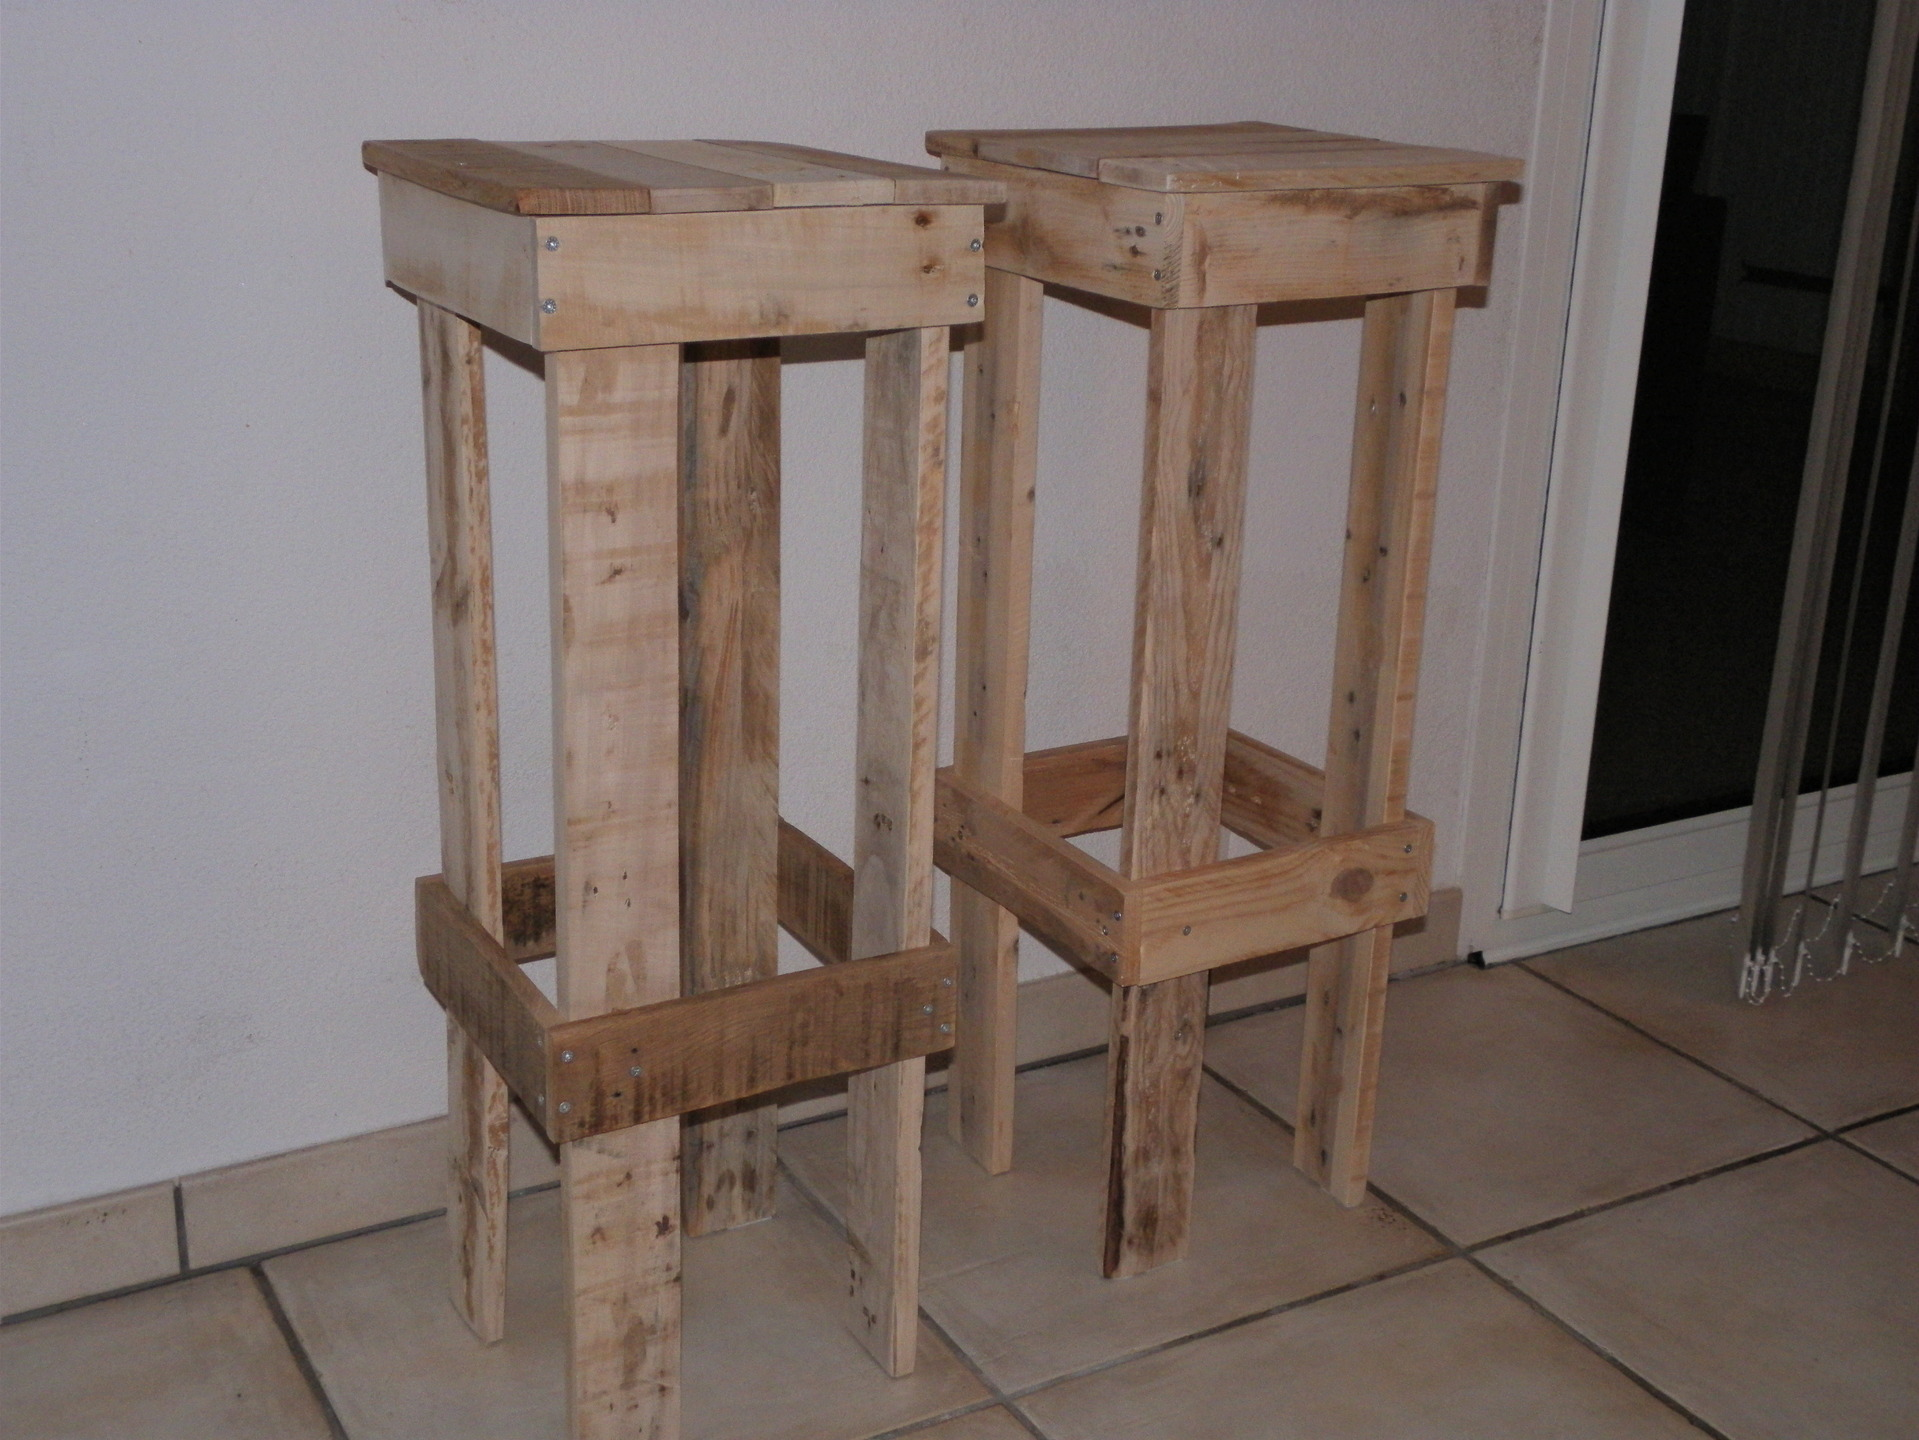 Meuble cuisine en bois pas cher mobilier design d coration d 39 int rieur - Mobilier bois design ...